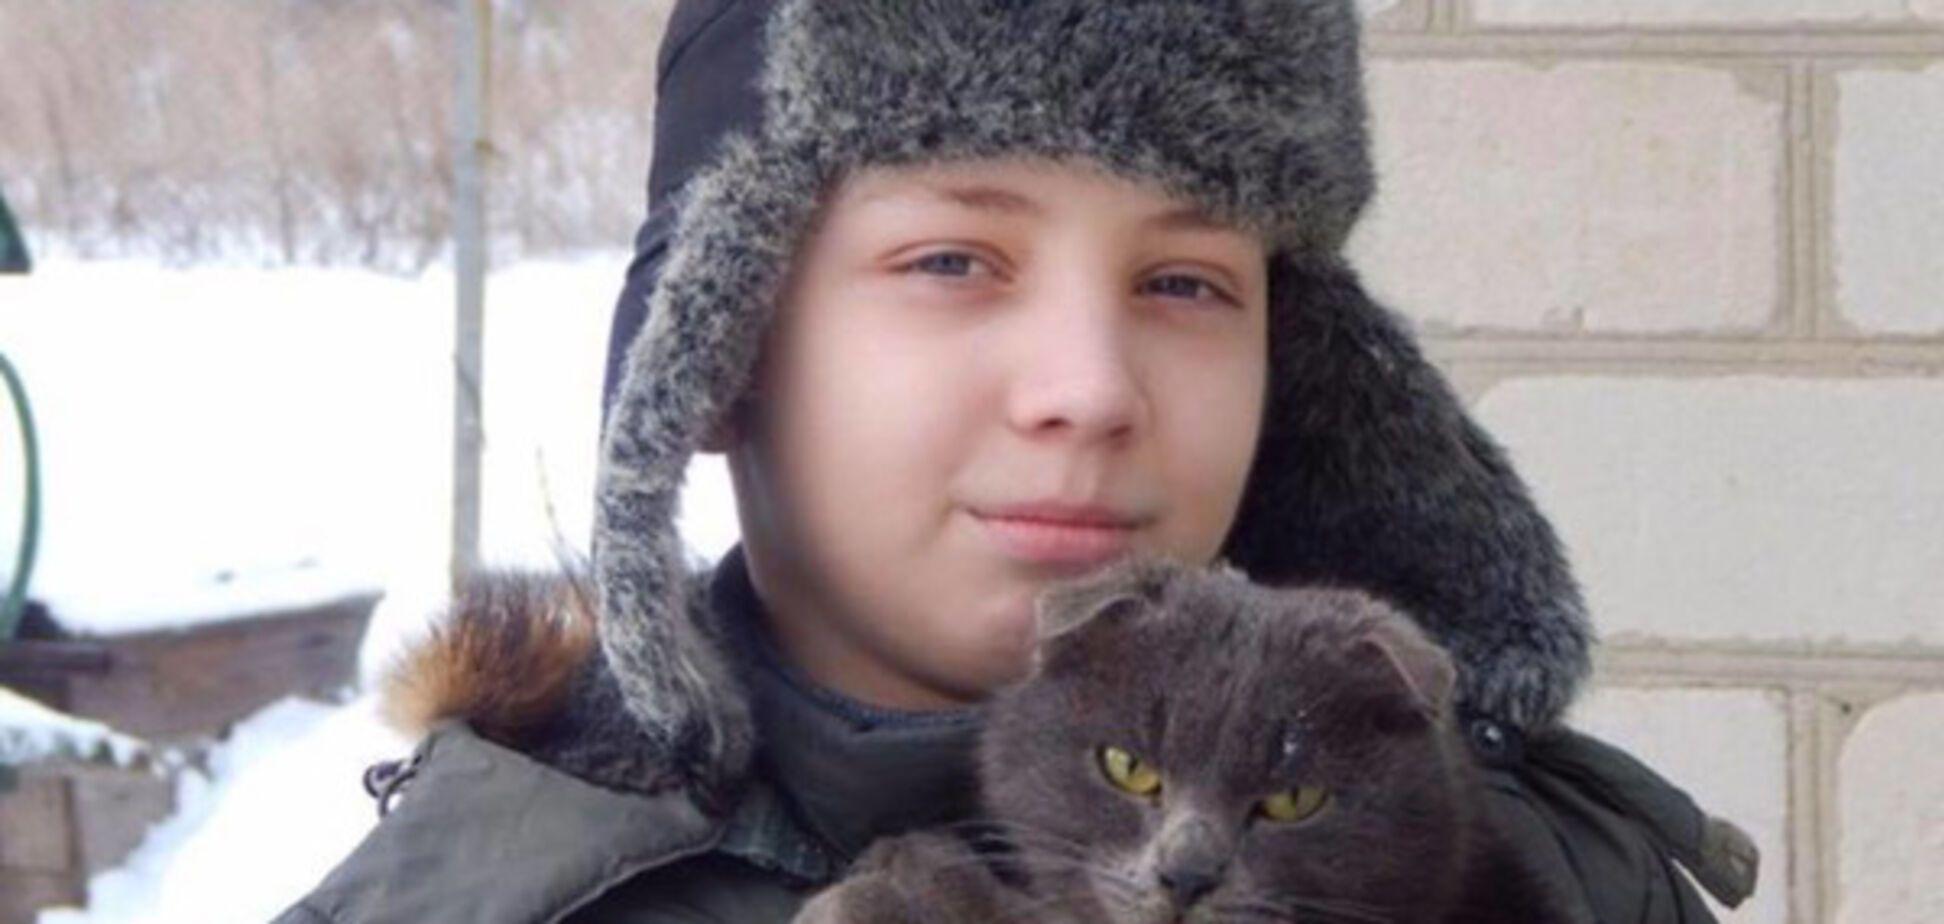 Есть риск, что не сможет говорить: стало известно о состоянии подростка, которому перерезали горло под Днепром